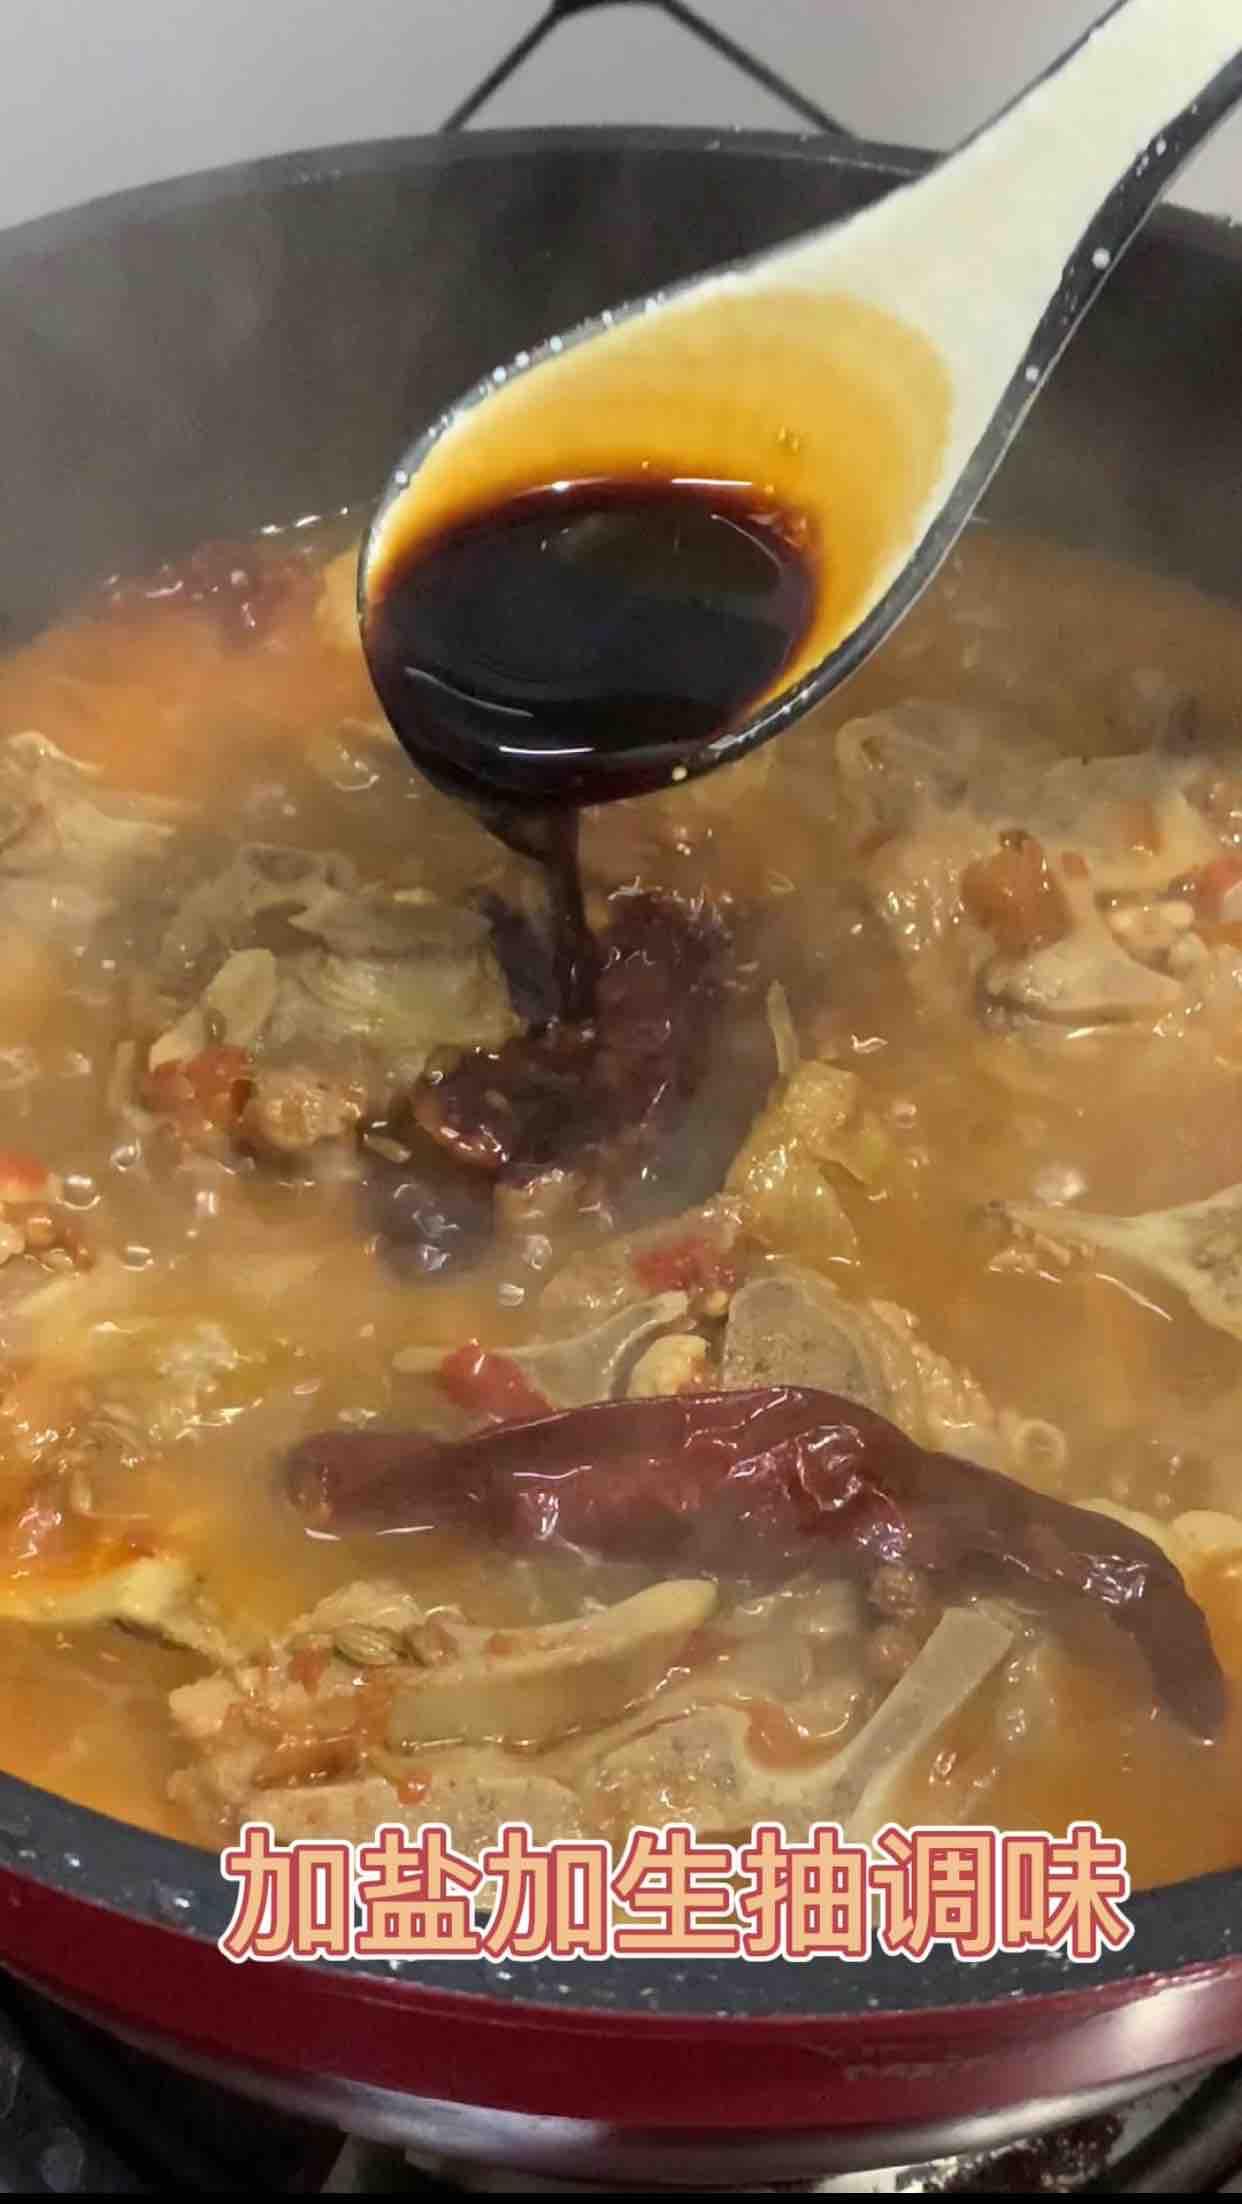 香辣羊蝎子,简直太费米饭了的步骤